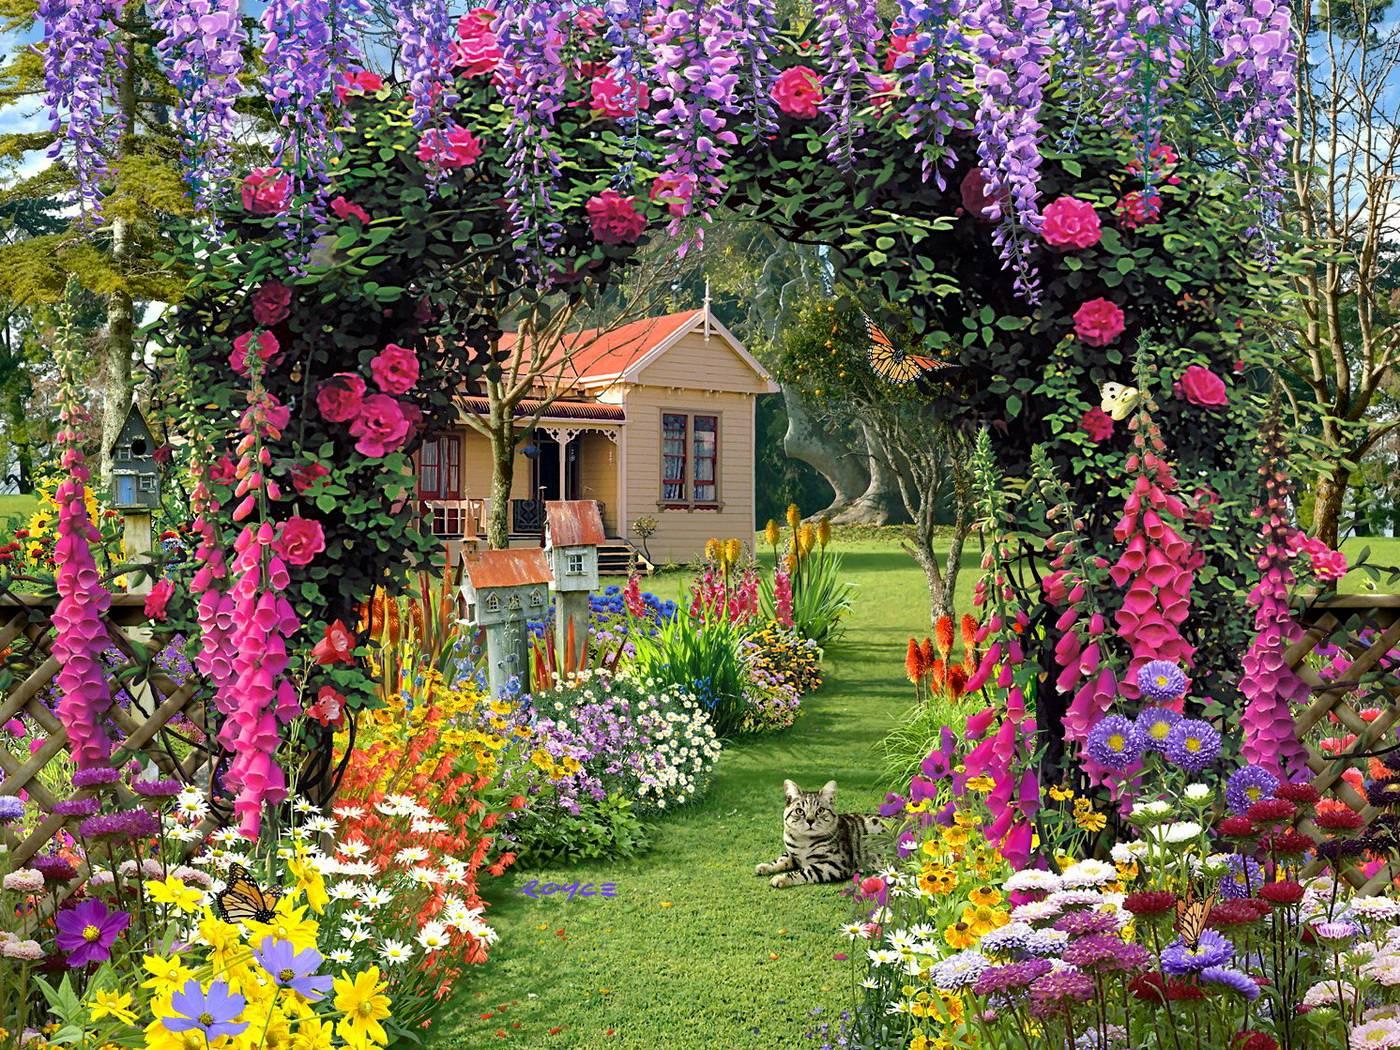 Flower Garden Wallpaper Inspiration Ideas 1415682 Inspiration .